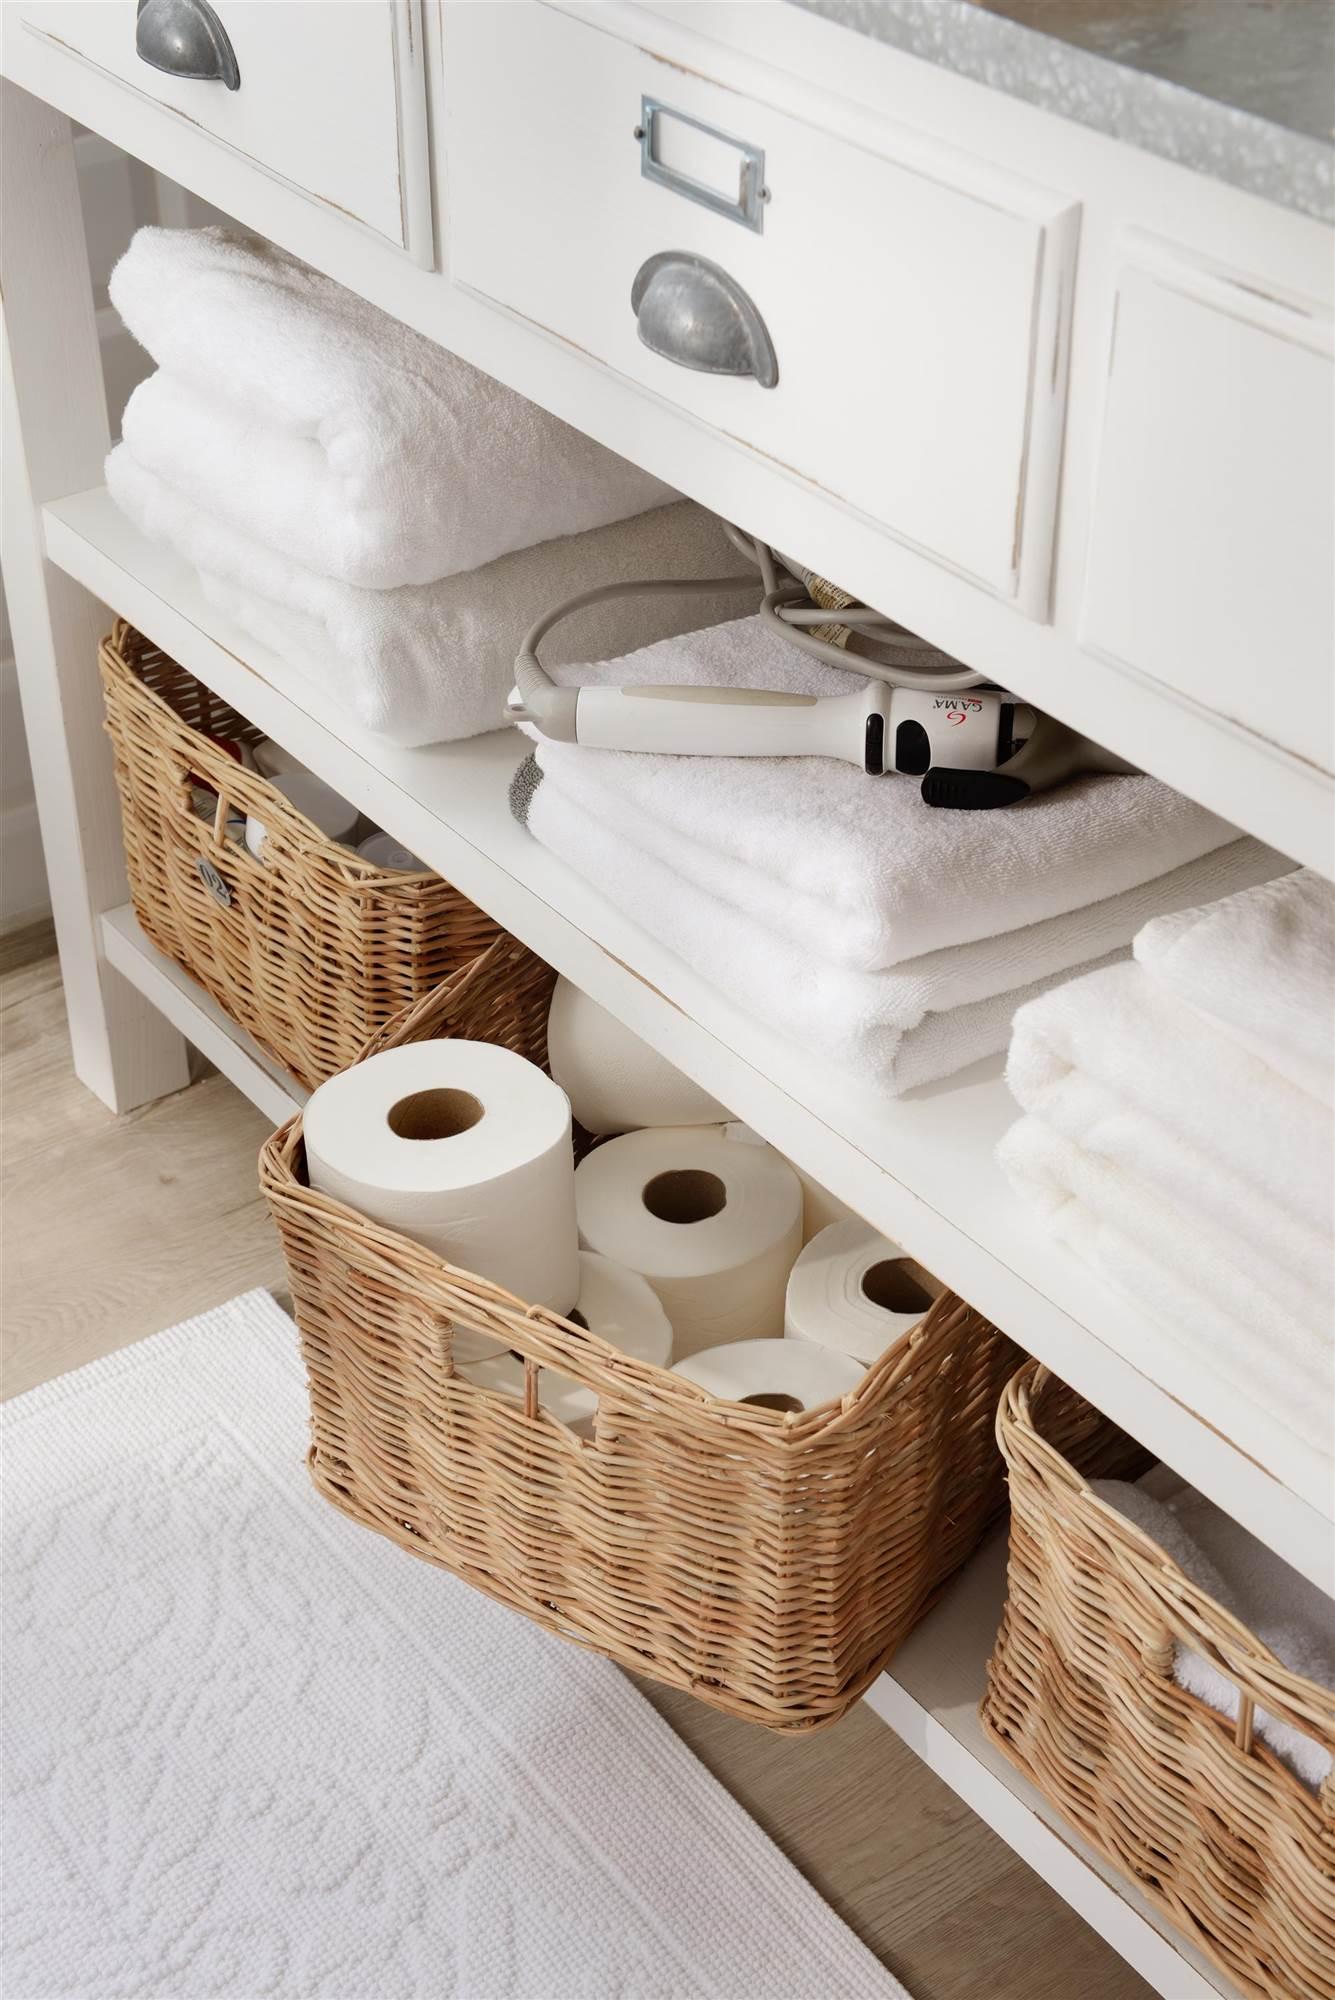 Cestas De Todos Los Estilos En El Mueble # Muebles Doble Funcionalidad